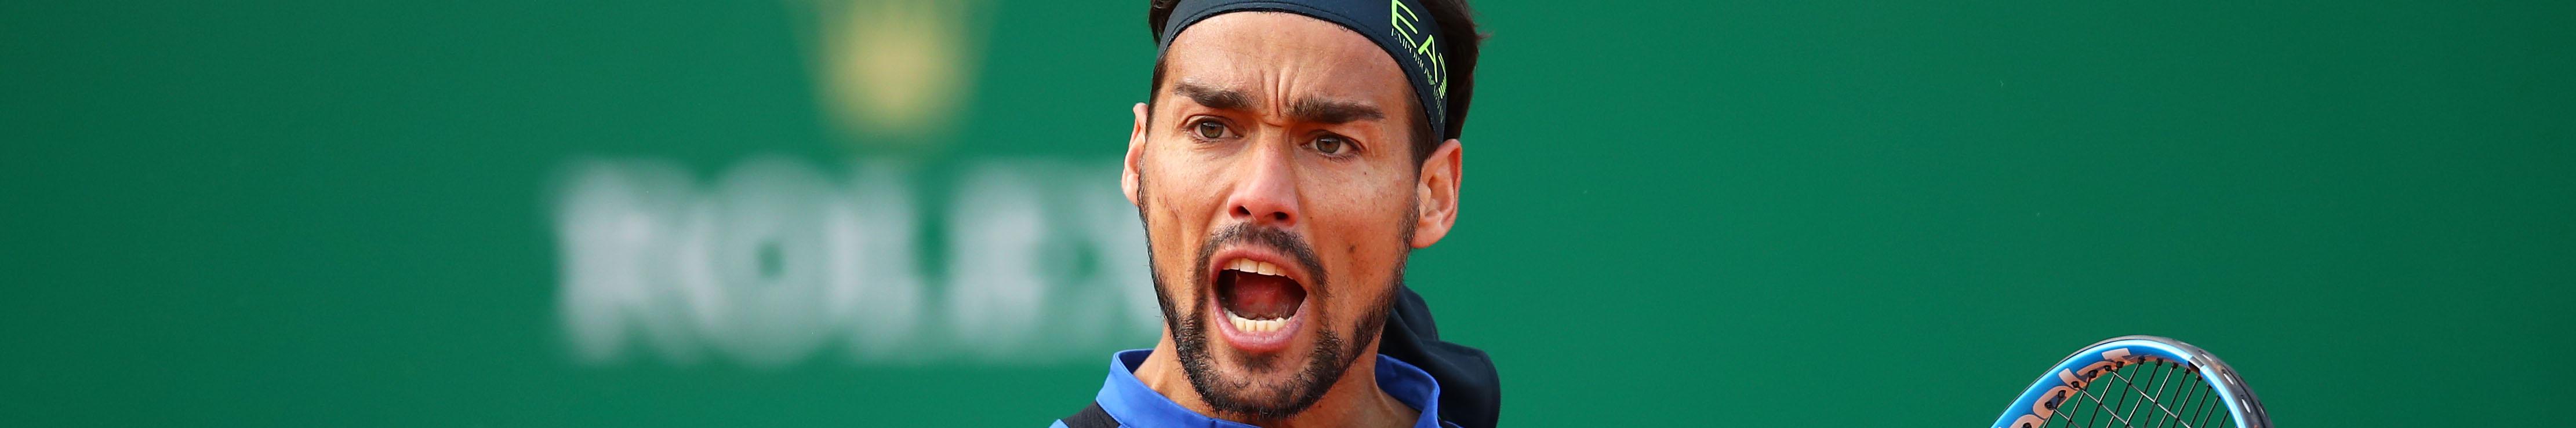 ATP Montecarlo, due consigli per i quarti di finale